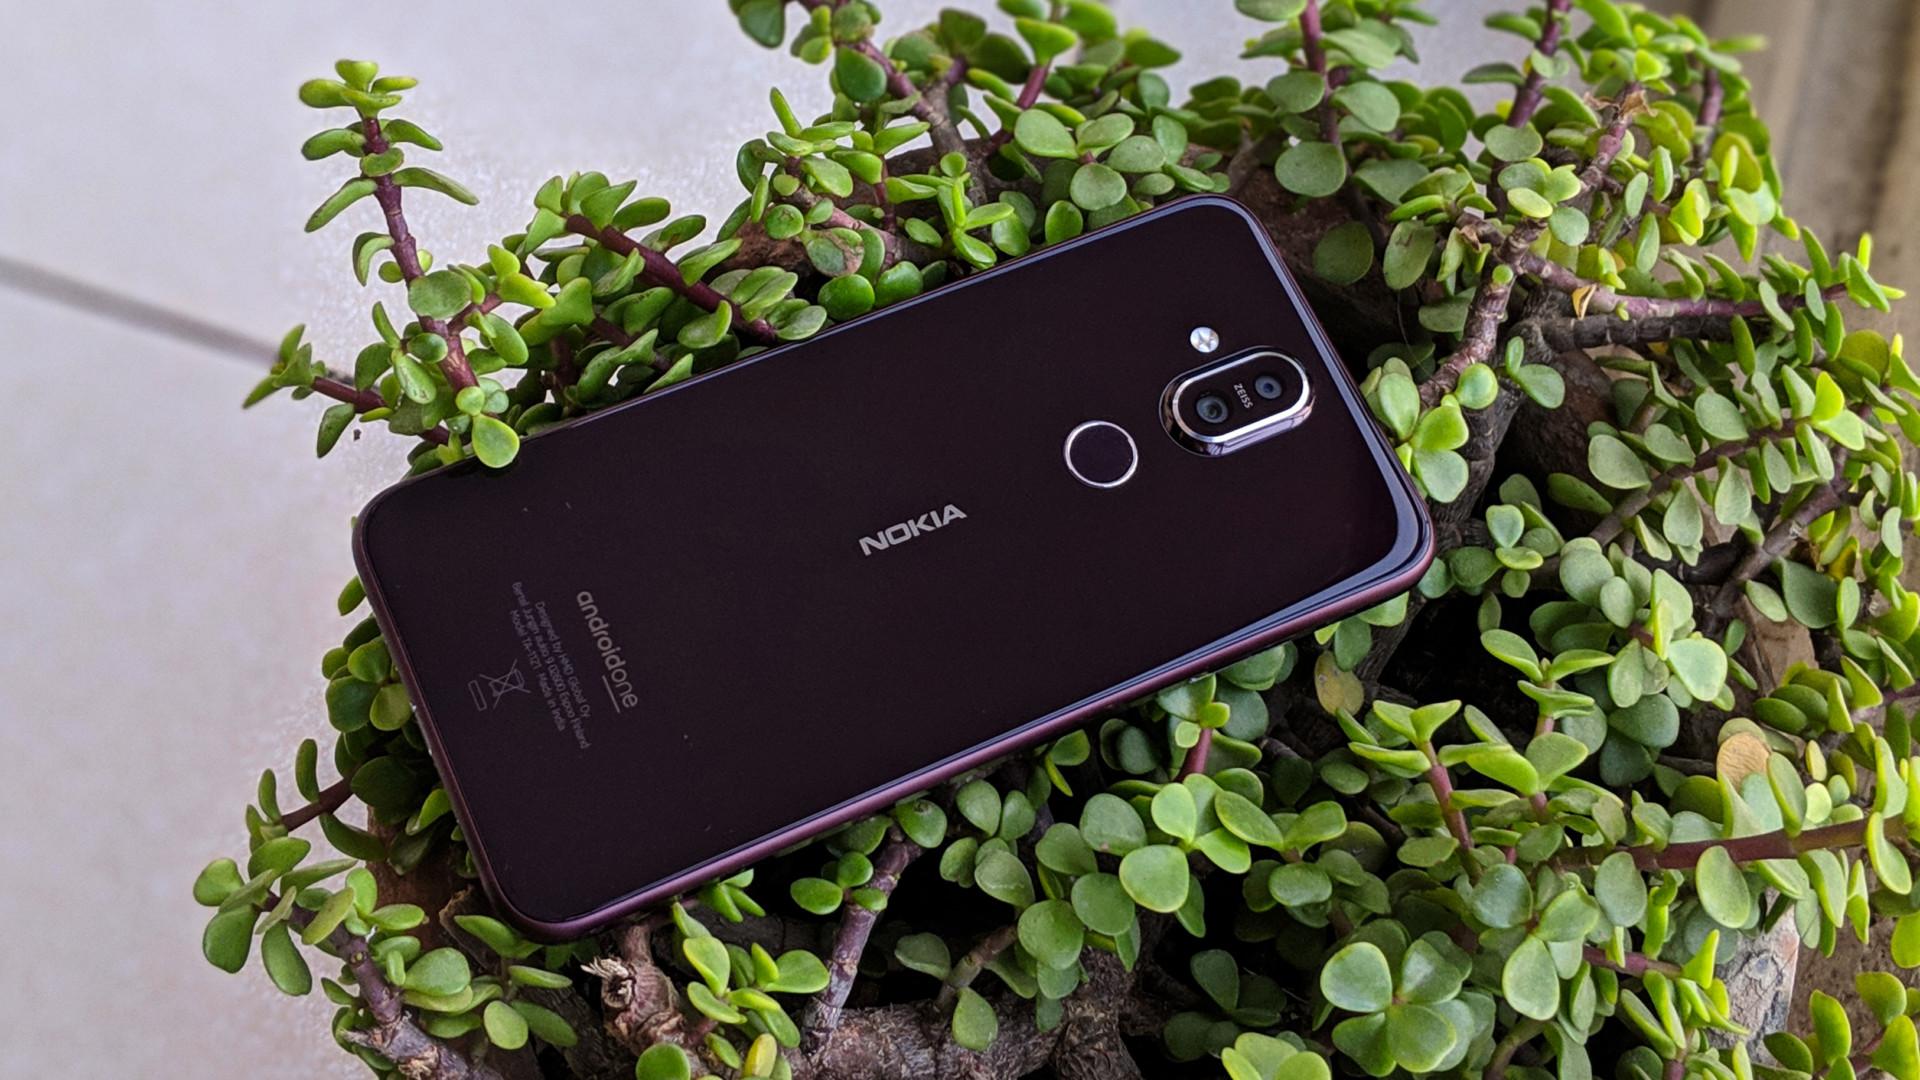 مزايا وعيوب أحدث هواتف Nokia المعلن عنه الأسبوع الماضي Nokia 8.1